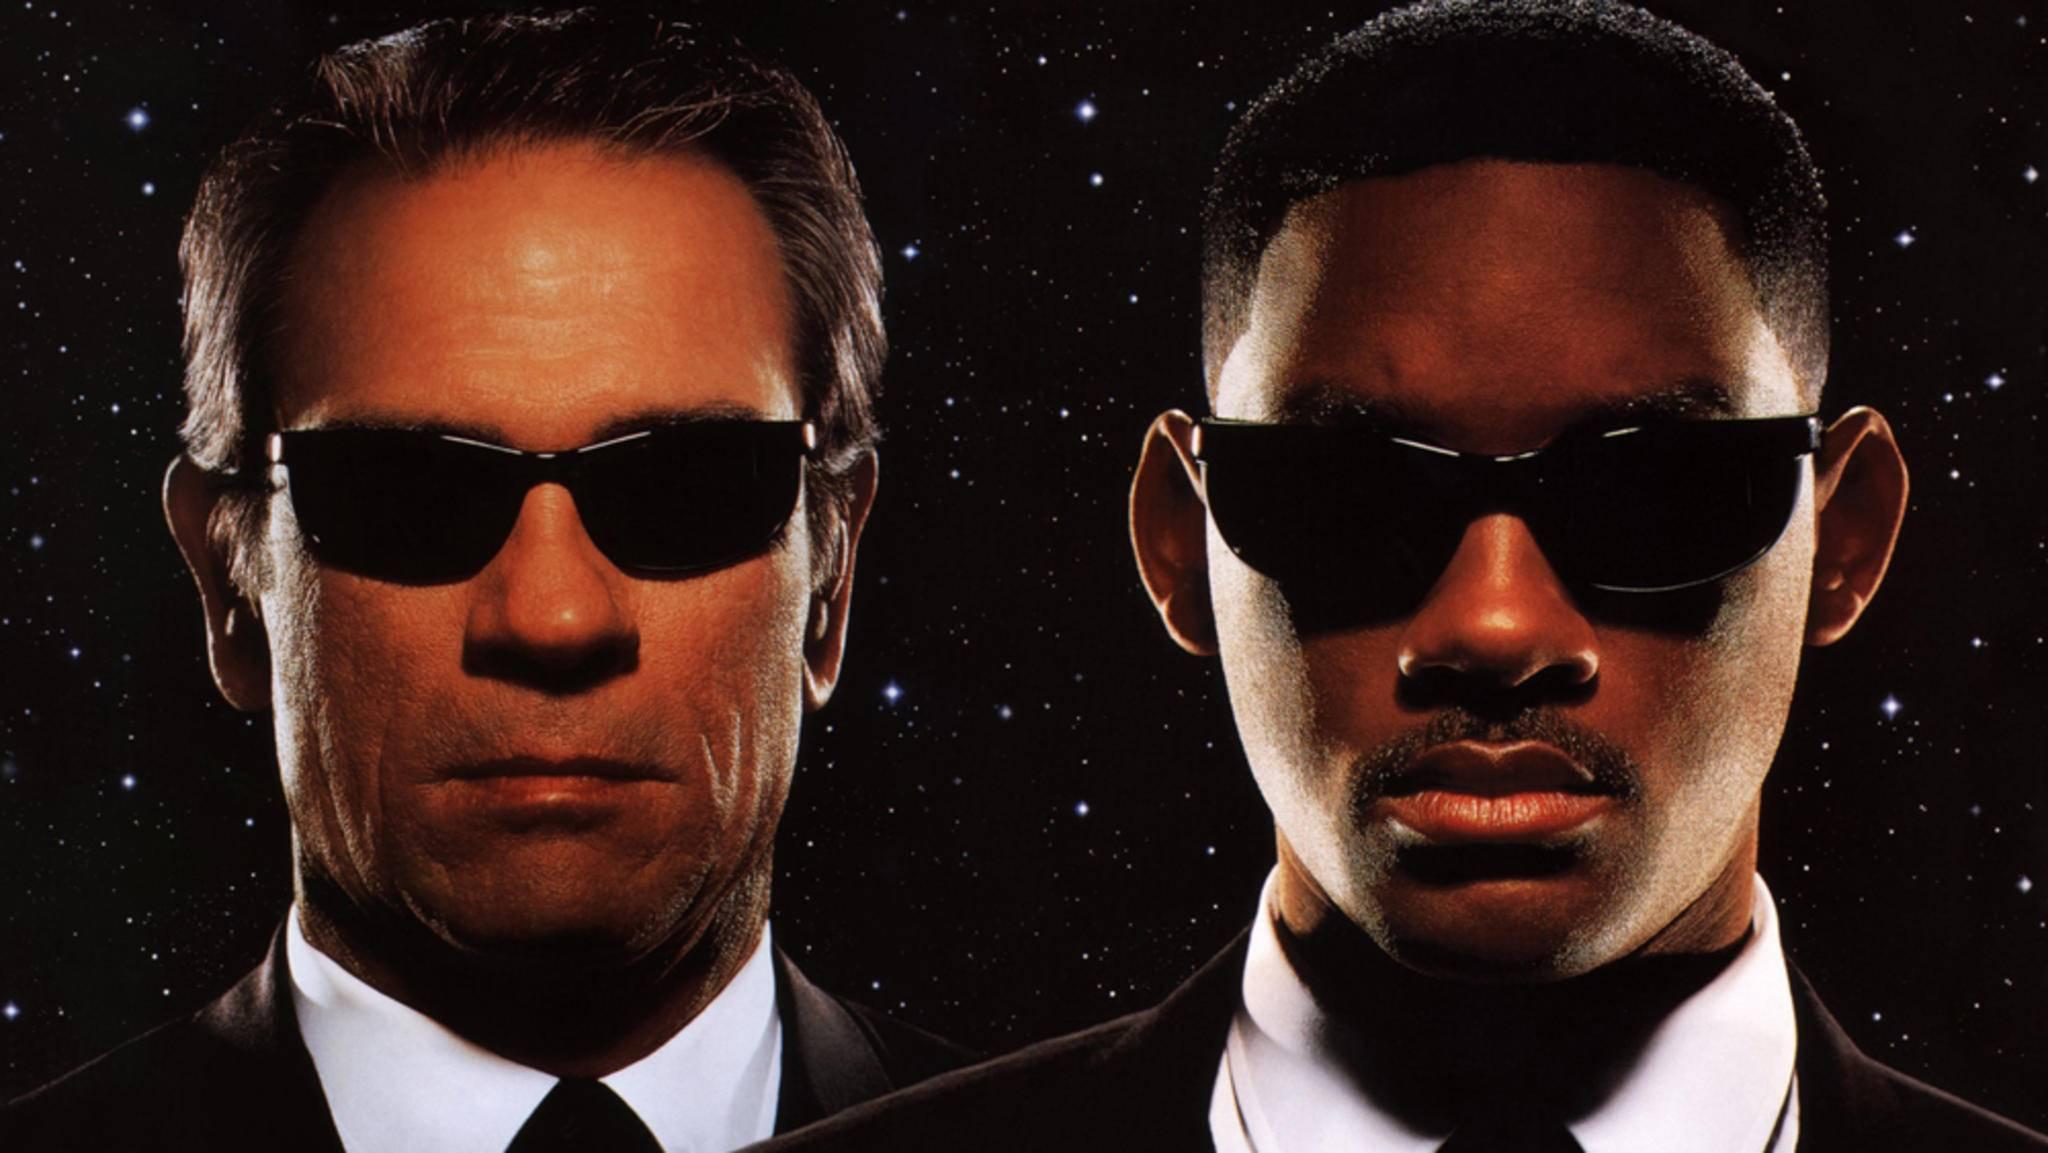 """Beinahe hätten die Agenten J und K in """"Men in Black"""" ganz anders ausgesehen."""